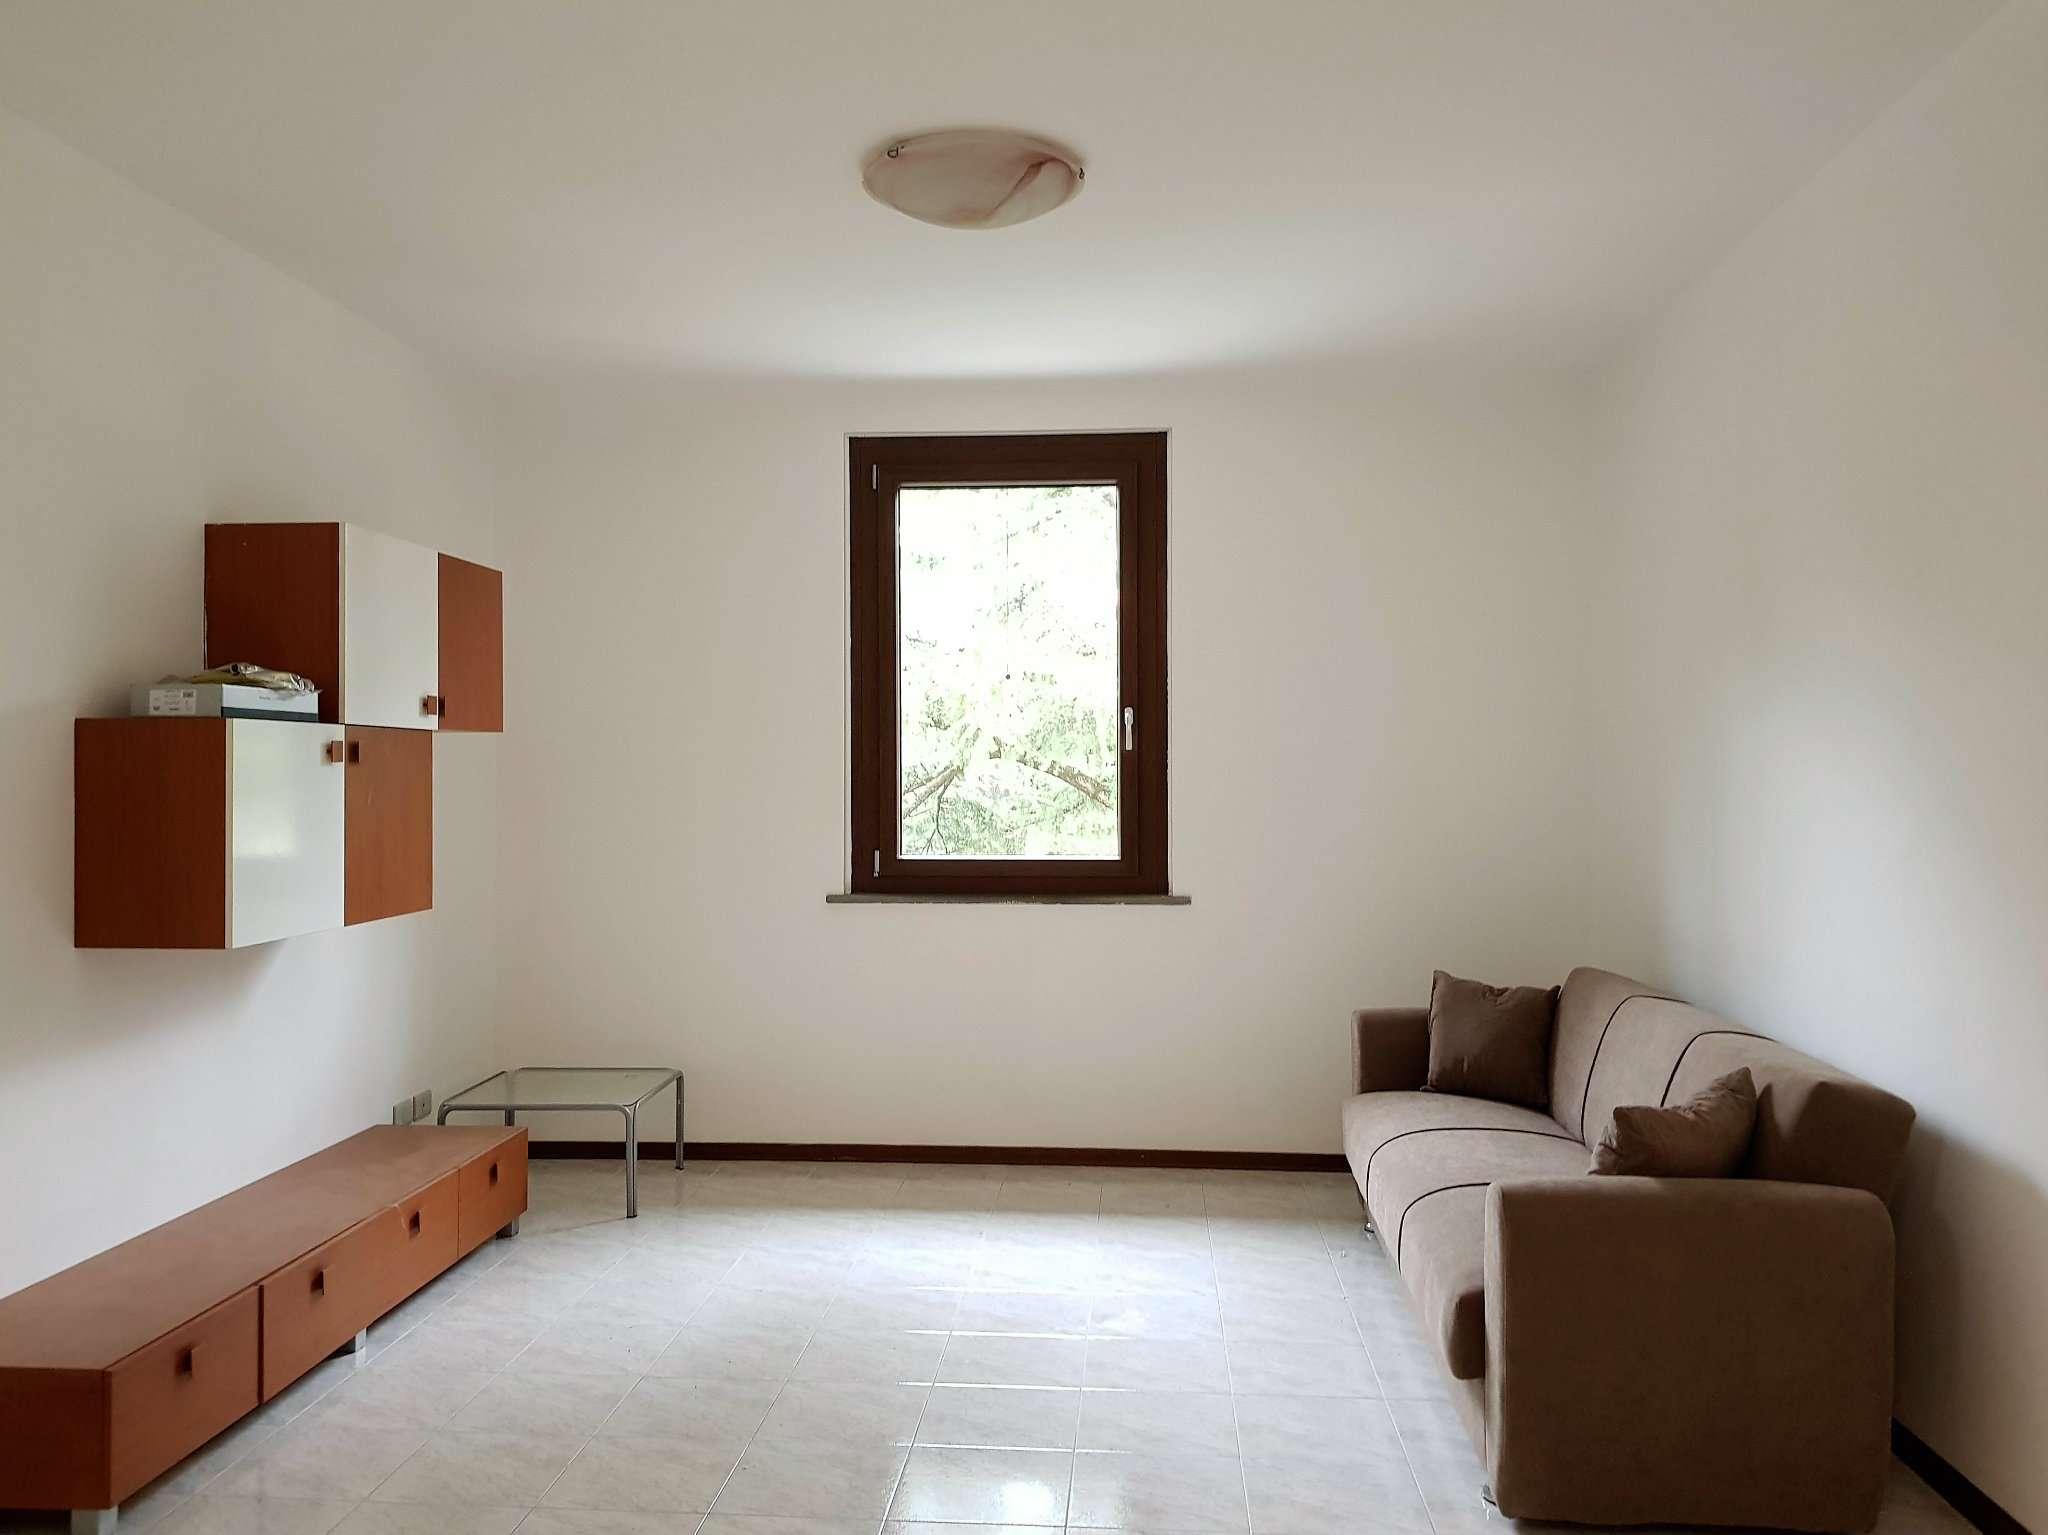 Appartamento in affitto a Cividale del Friuli, 4 locali, prezzo € 530 | CambioCasa.it